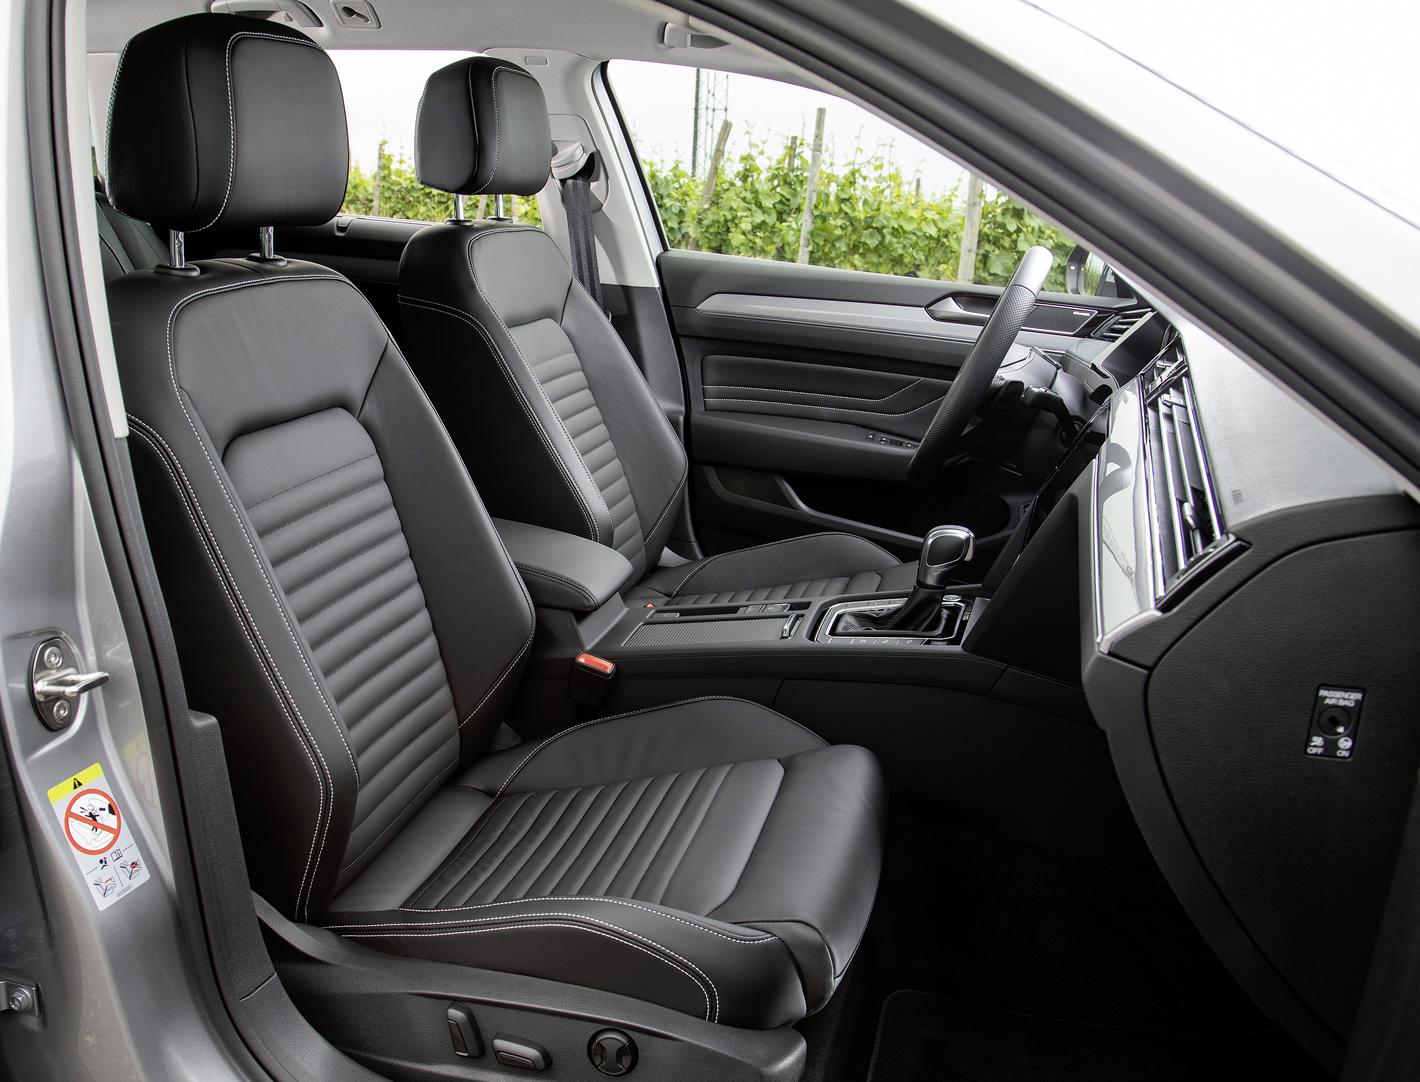 Nowy Volkswagen Passat - siedzenia